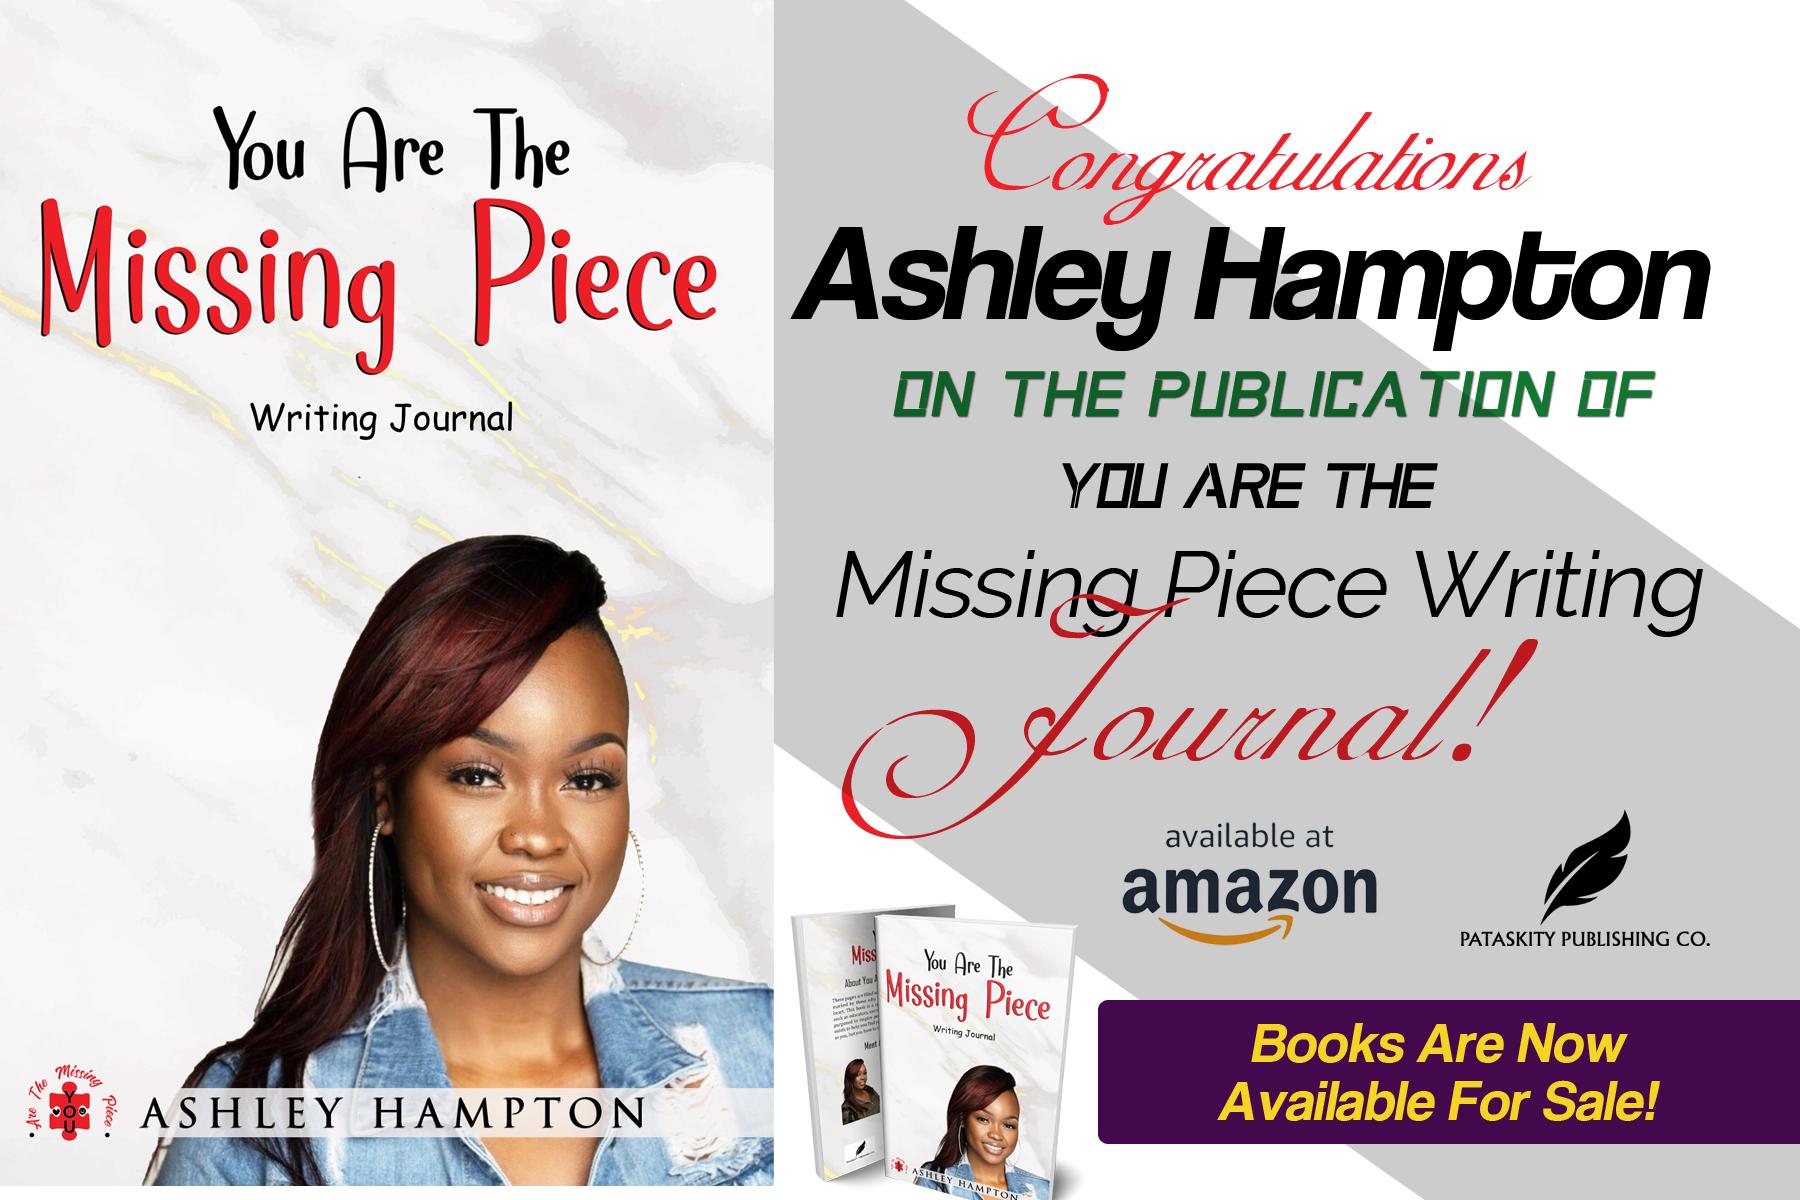 Pataskity Publishing celebrates Ashley Hampton